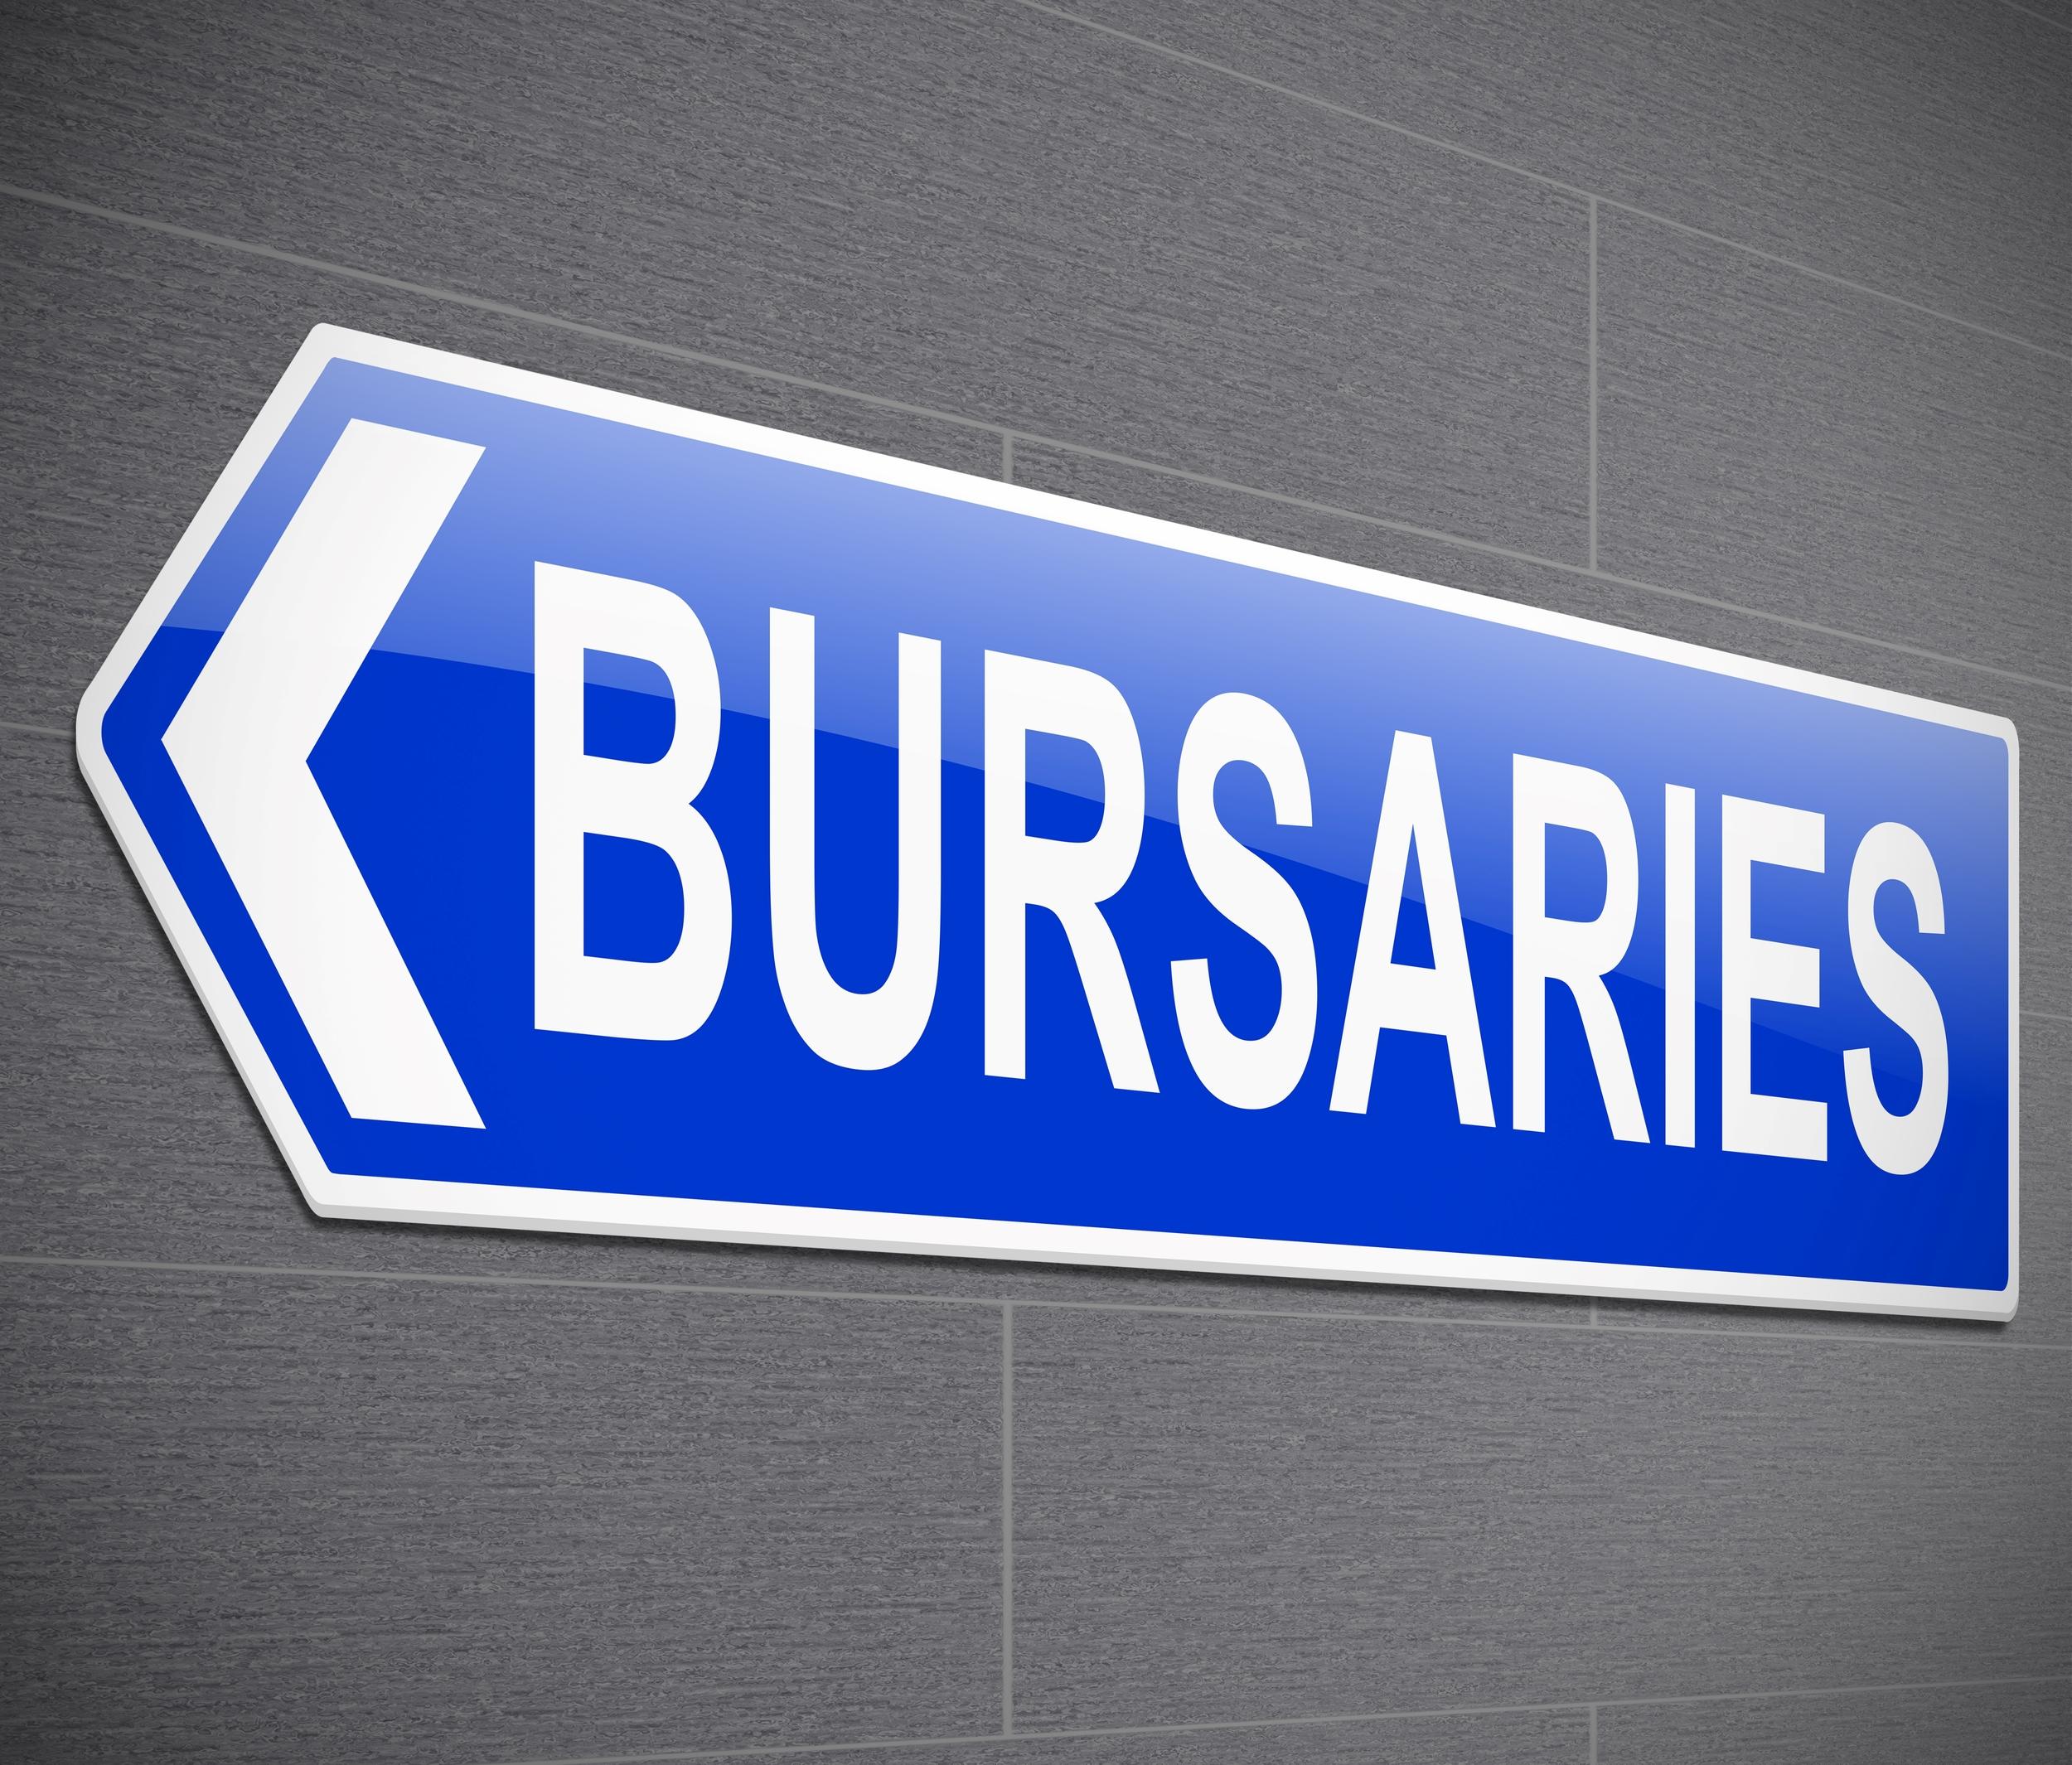 FREE STUFF IS BEST: Bursary!